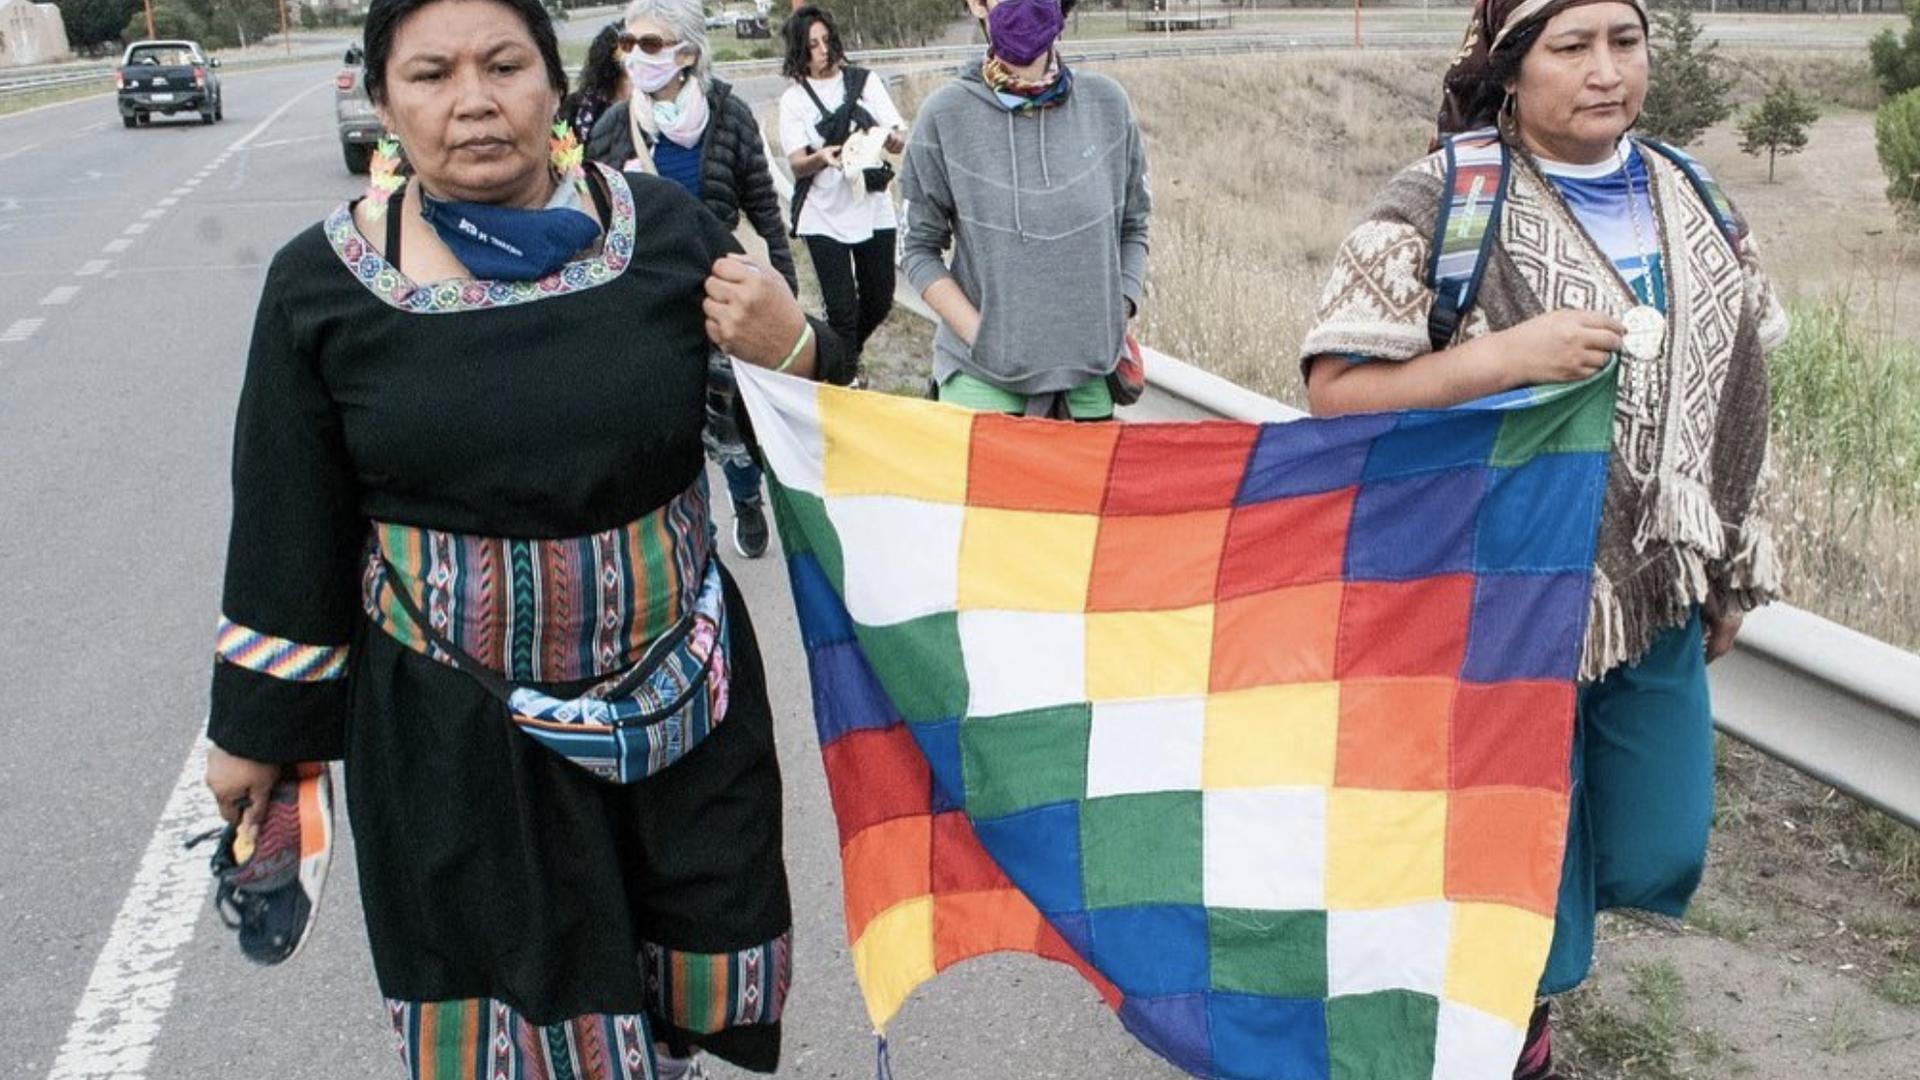 Caravana del bloque sur del Movimiento de Mujeres Indígenas por el Buen Vivir llega a la ciudad de Viedma - Sputnik Mundo, 1920, 07.05.2021